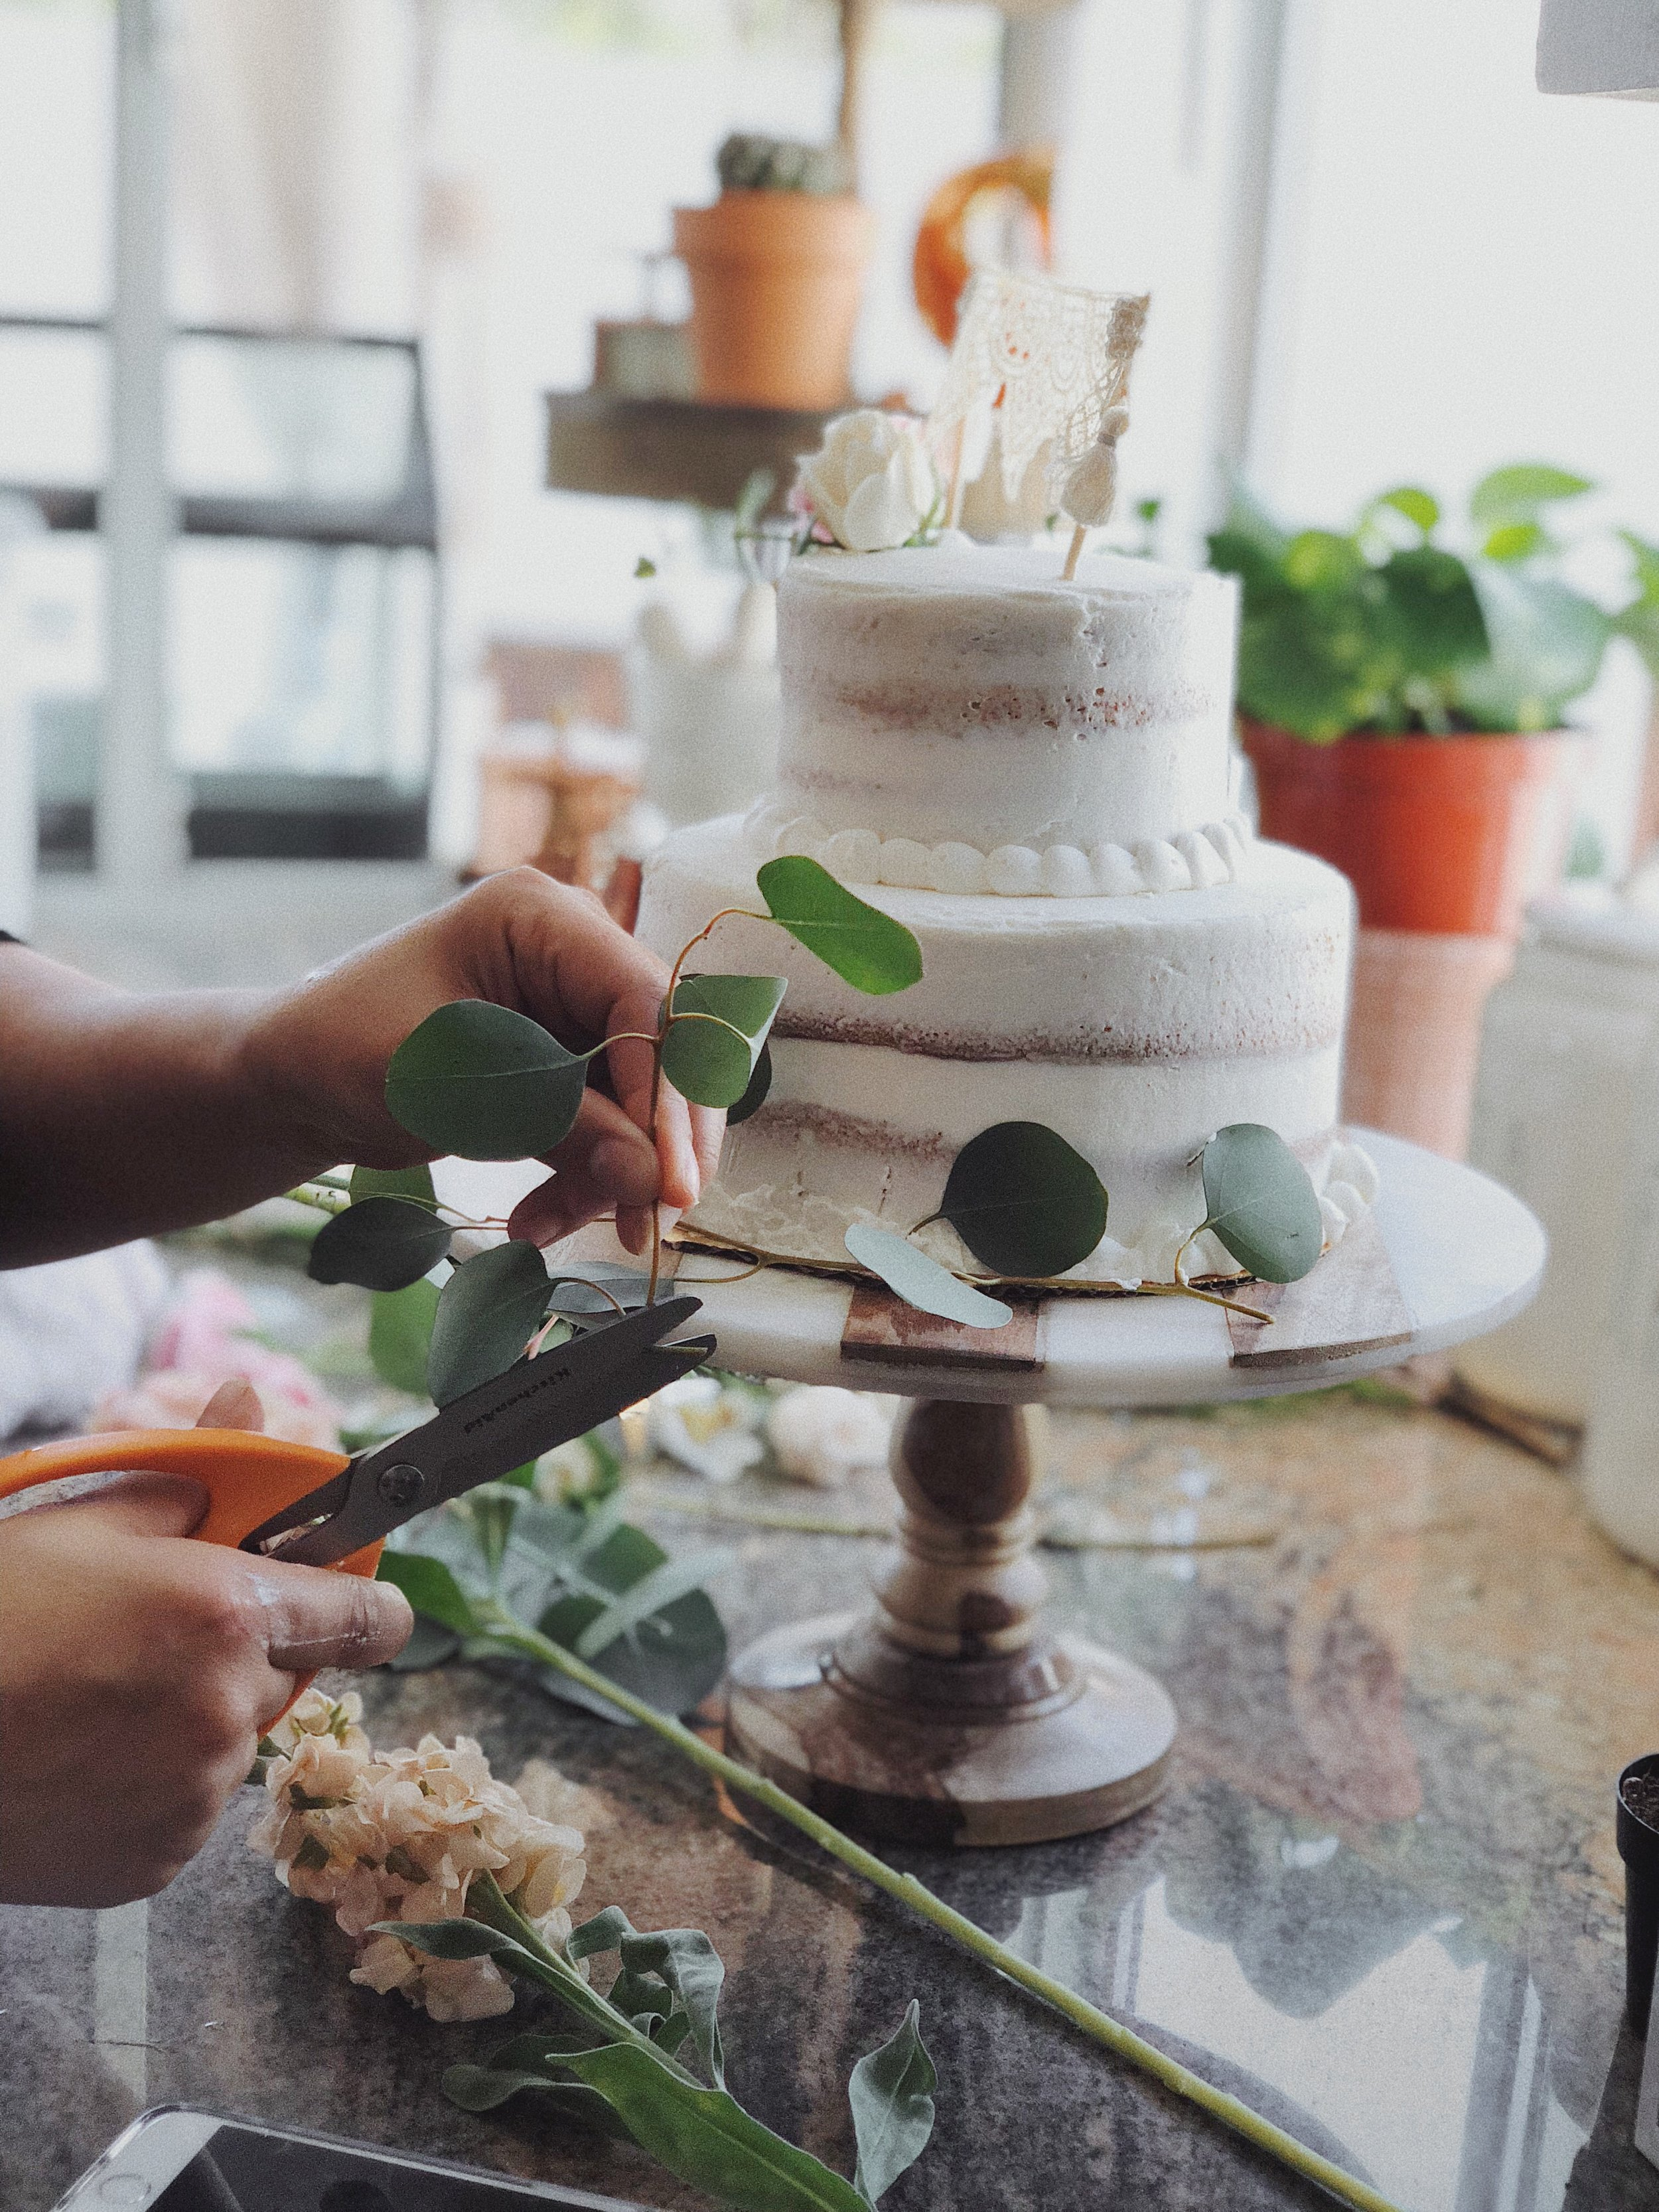 Naked Cake-Cake Decorating-Cake with fresh floral-Eucalyptus.JPG